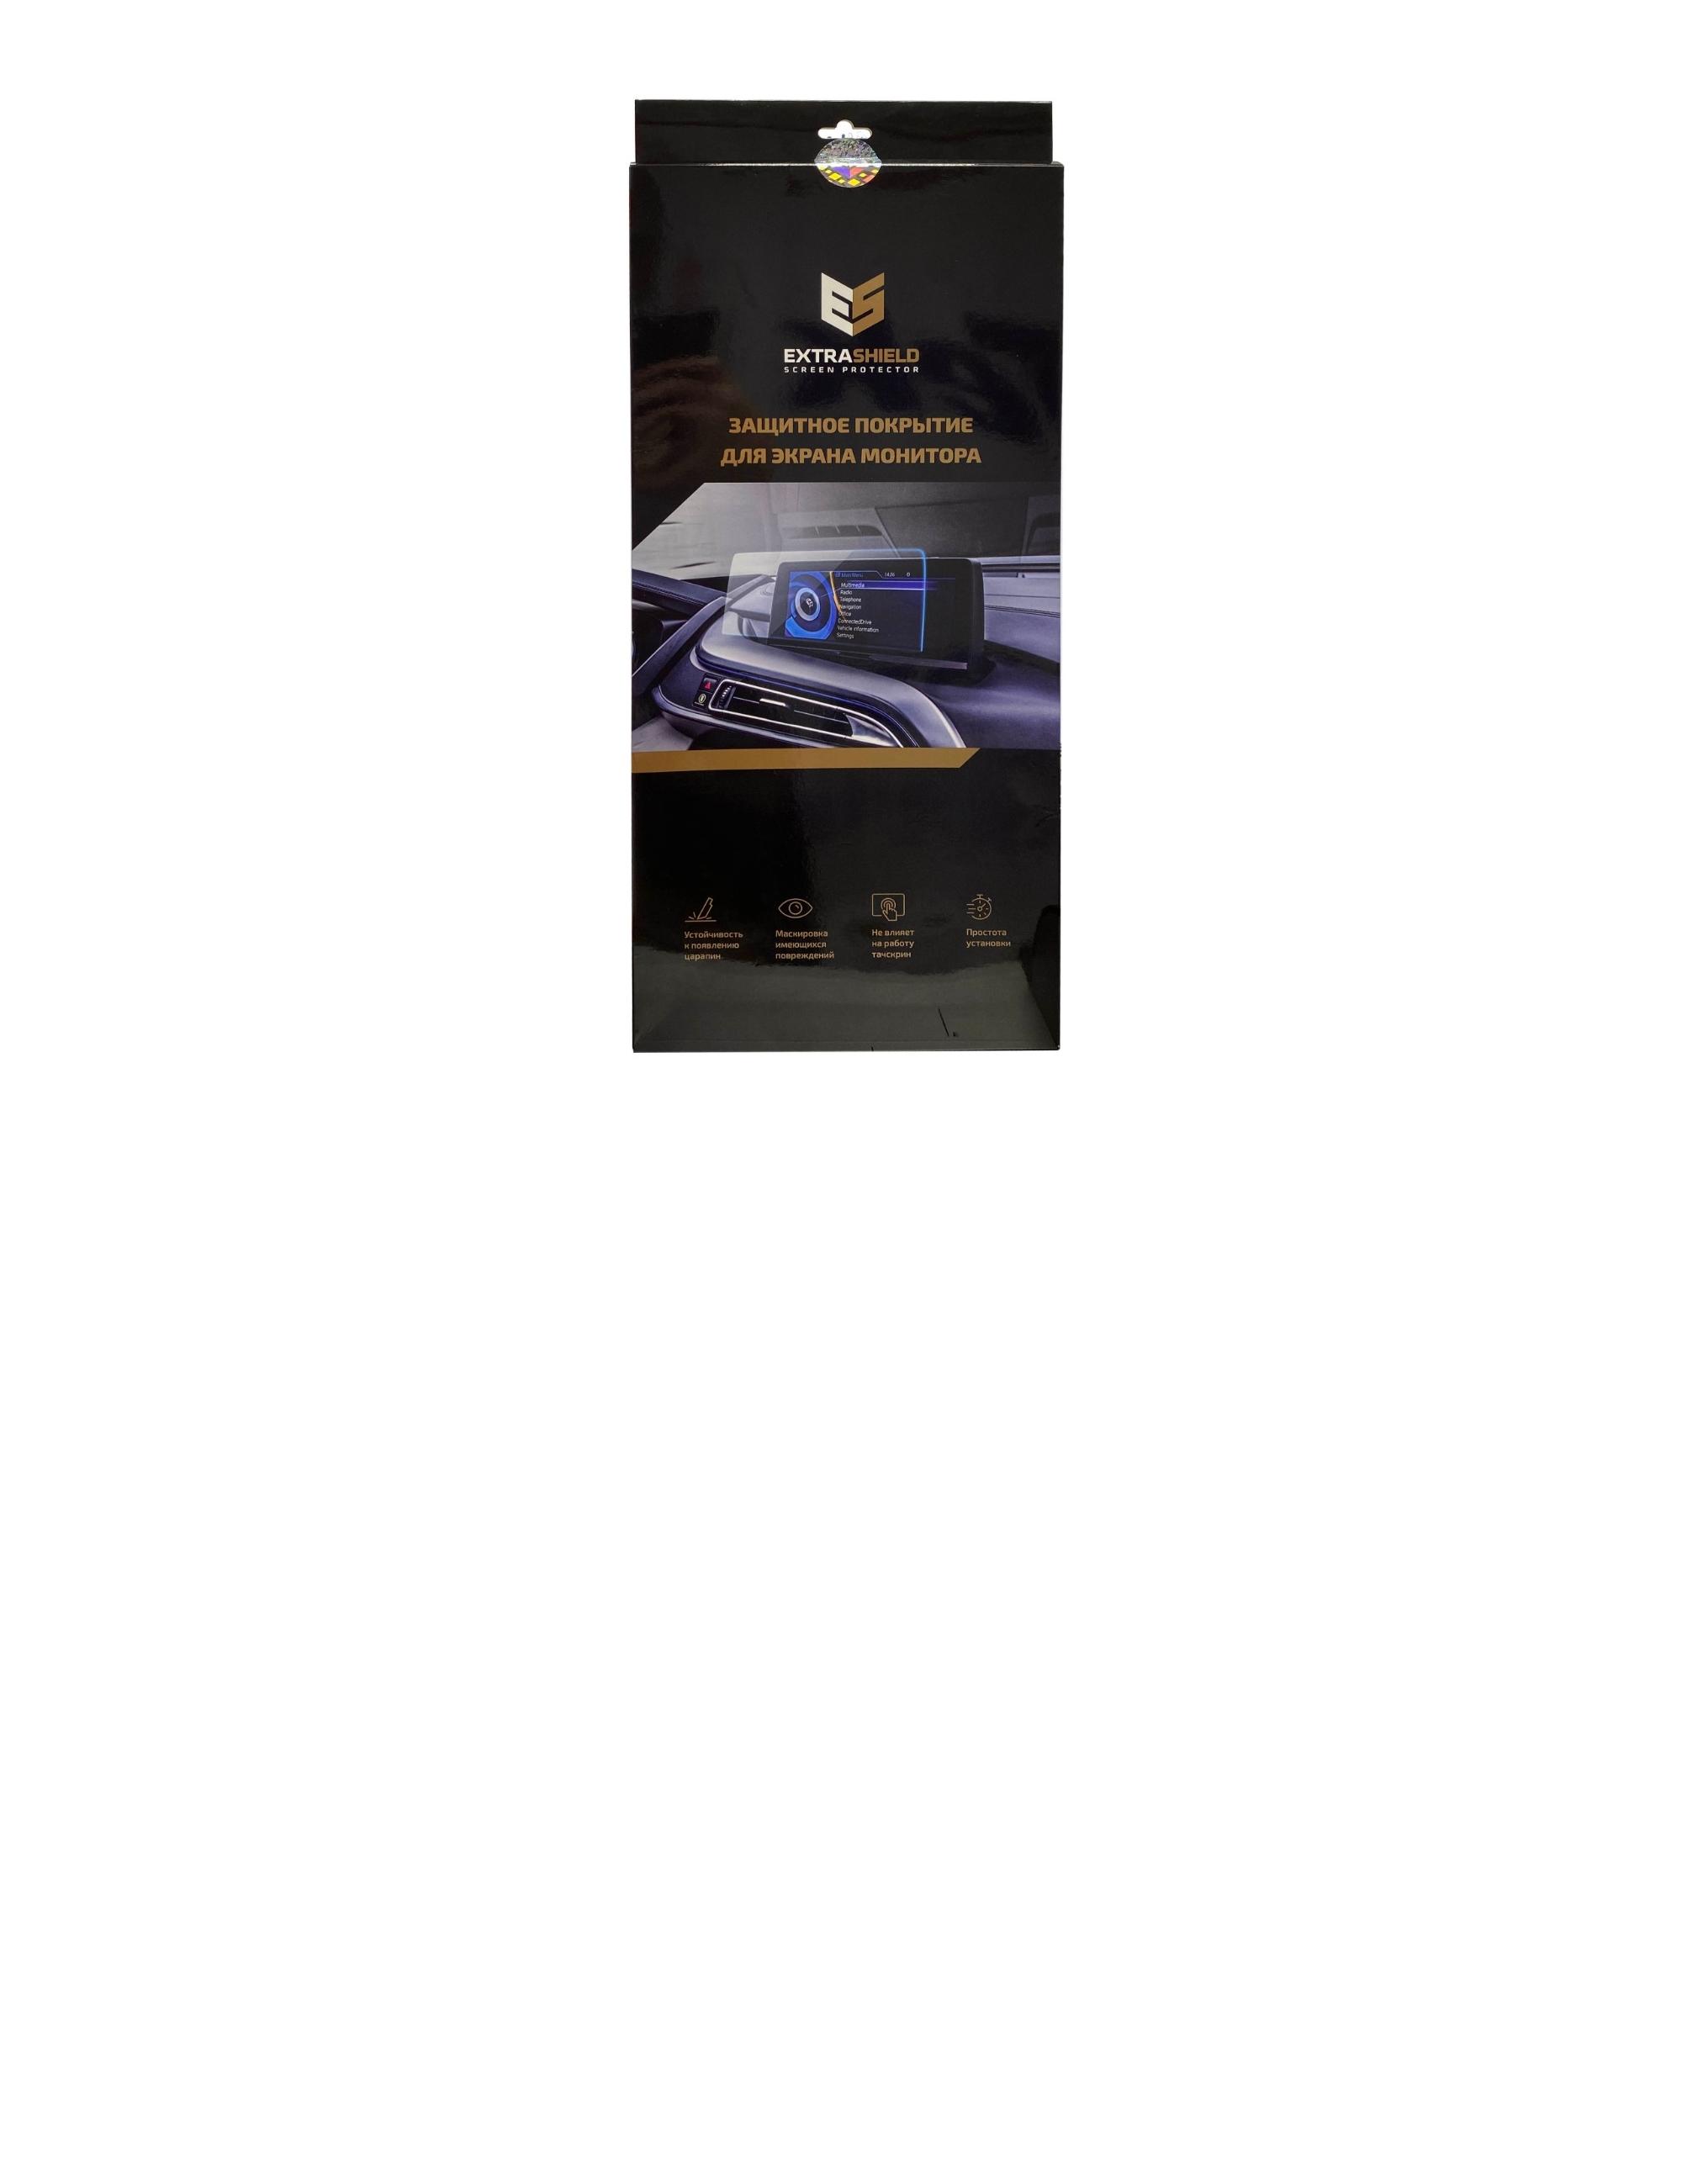 Mercedes-Benz V-class AMG рестайлинг (W447) 2014 - н.в. мультимедиа 7 Защитное стекло Матовая